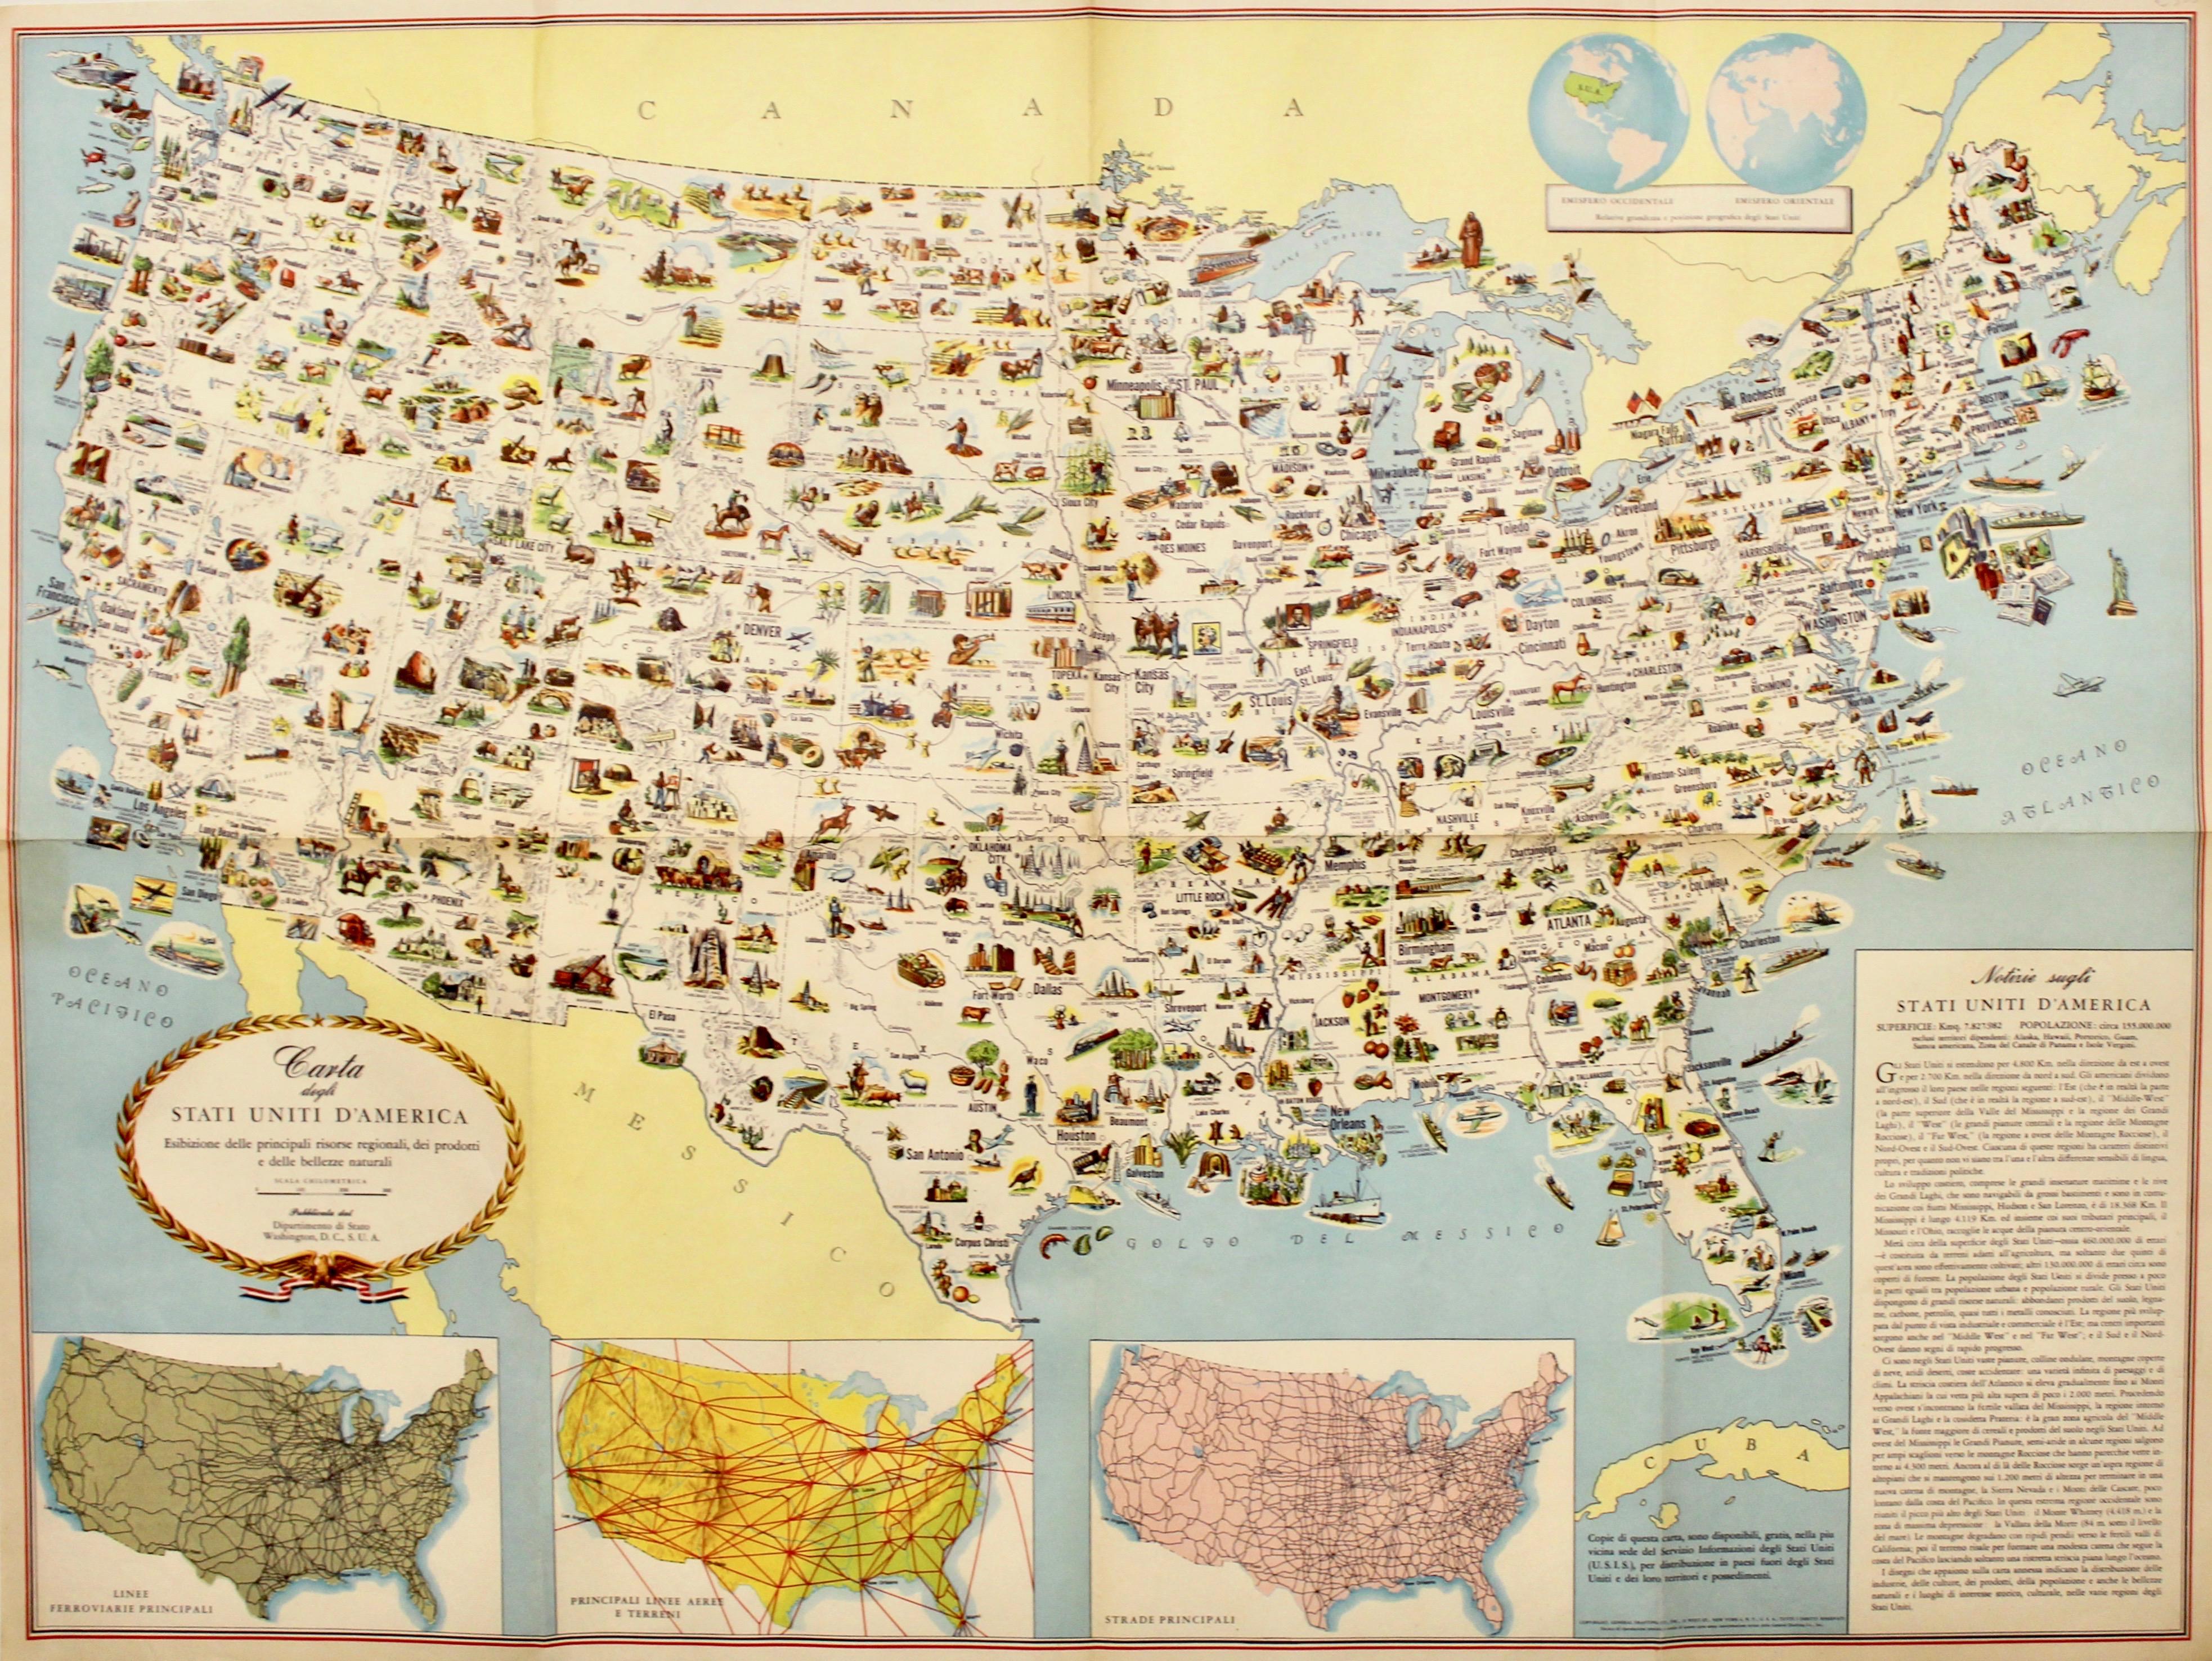 La Cartina Degli Stati Uniti D America.Anonimo Carta Degli Stati Uniti D America